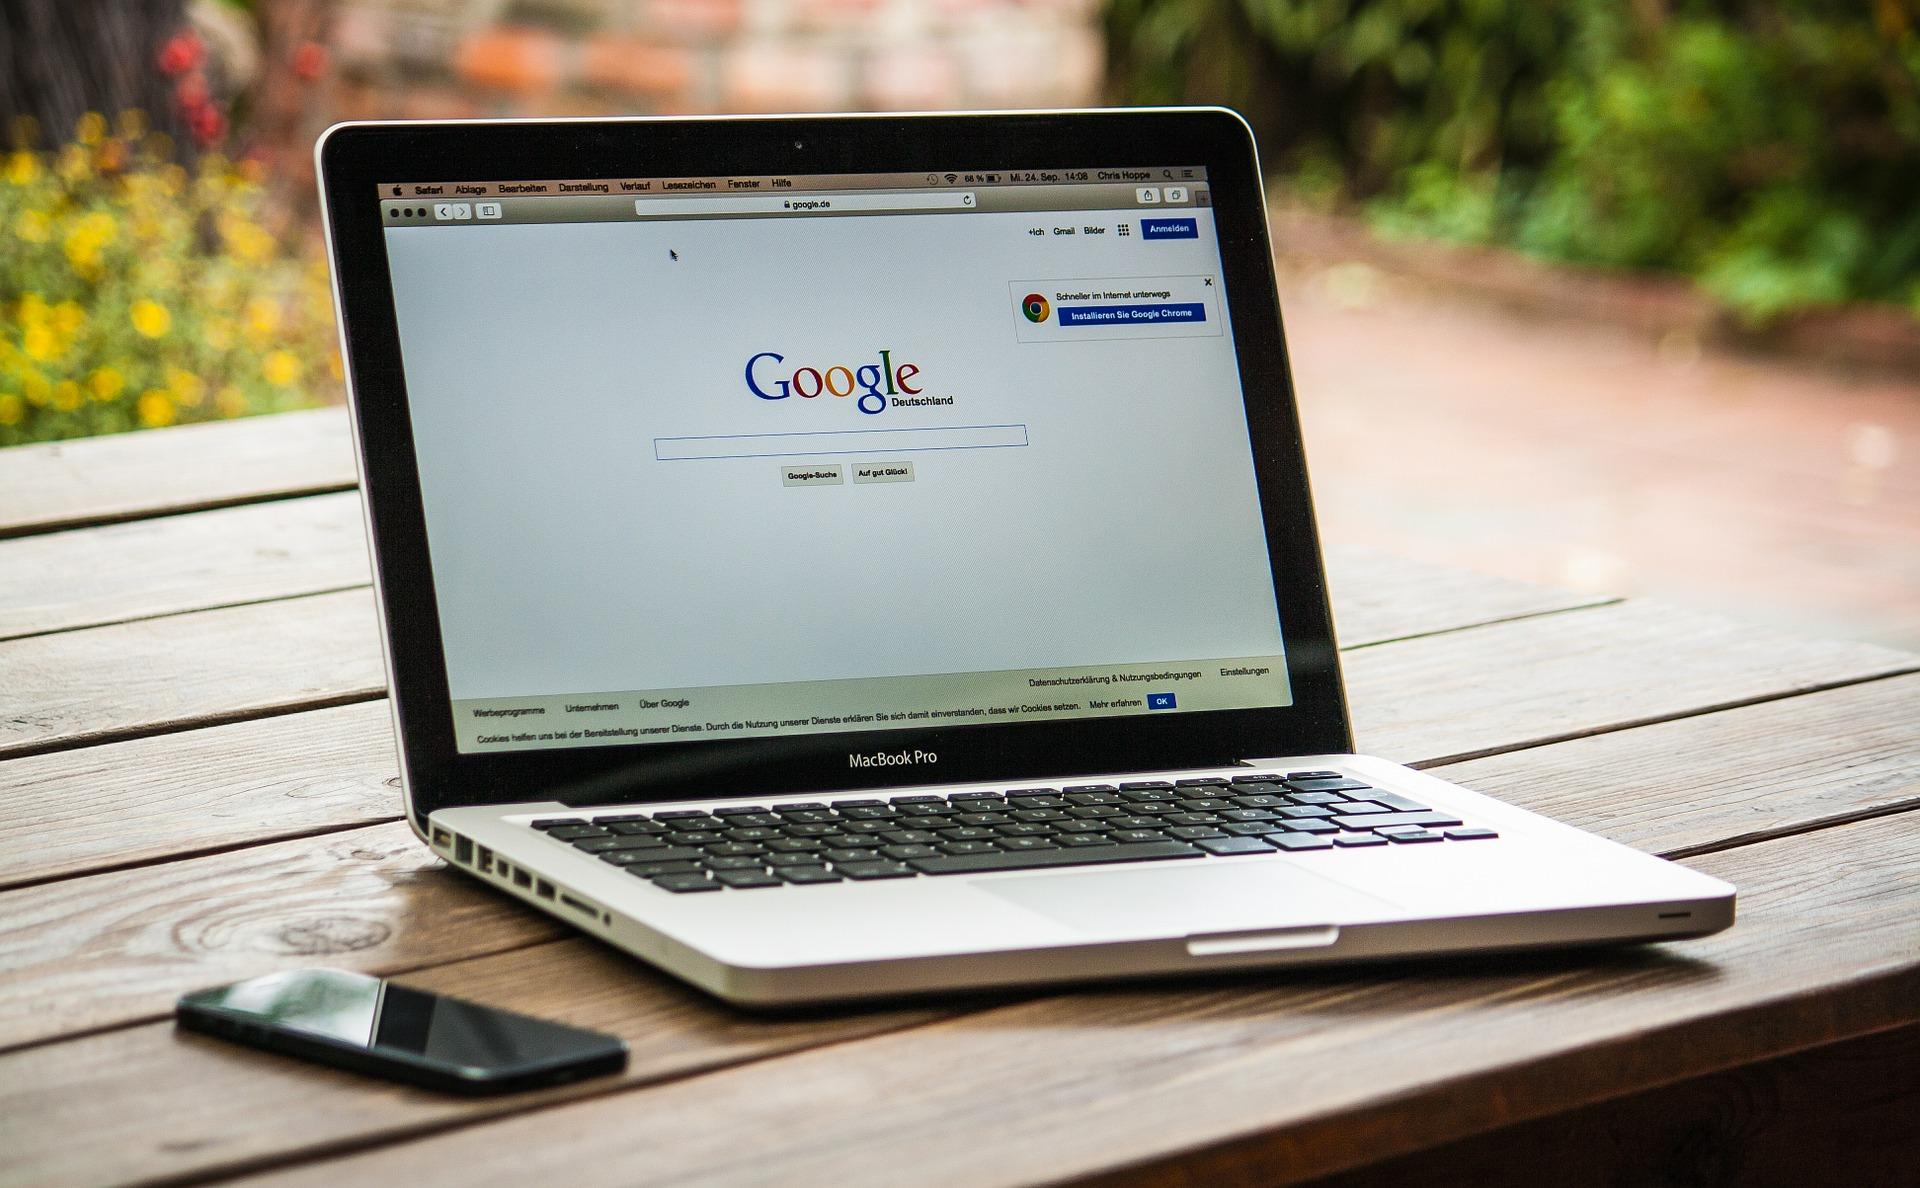 Macbook auf dem Google steht und Handy auf Holztisch